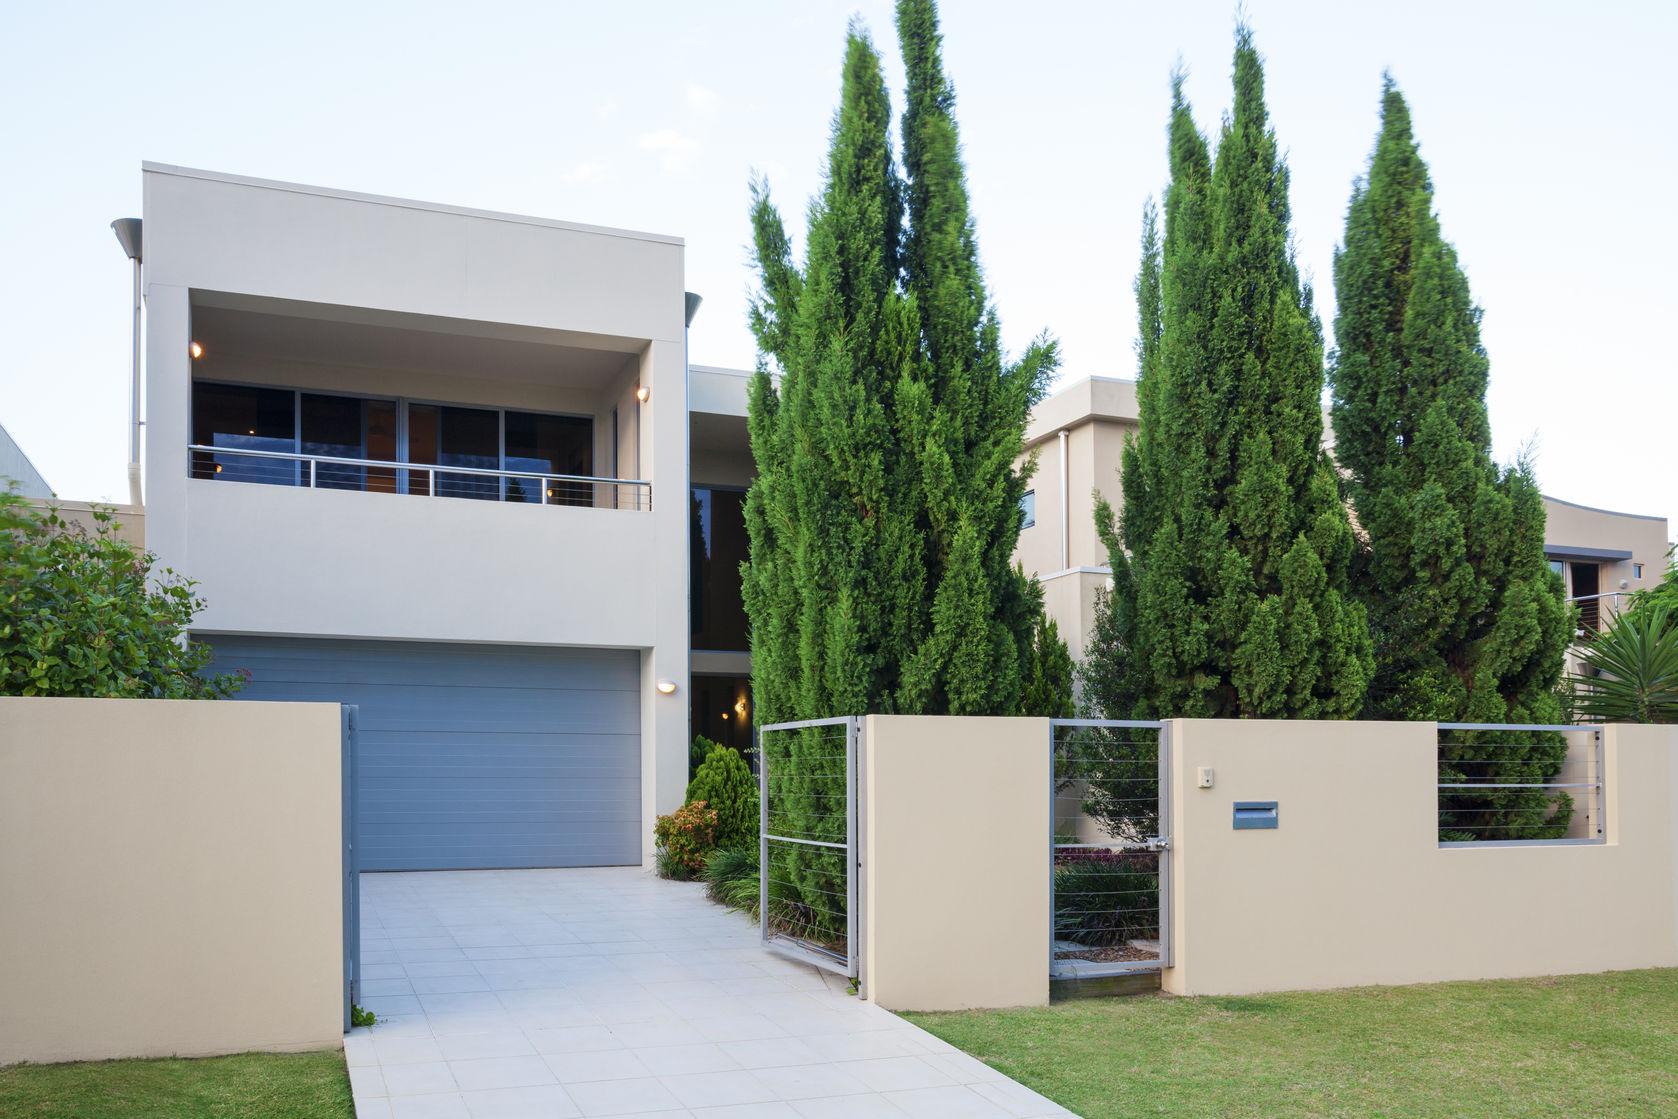 Villa mit Tor und Bäumen